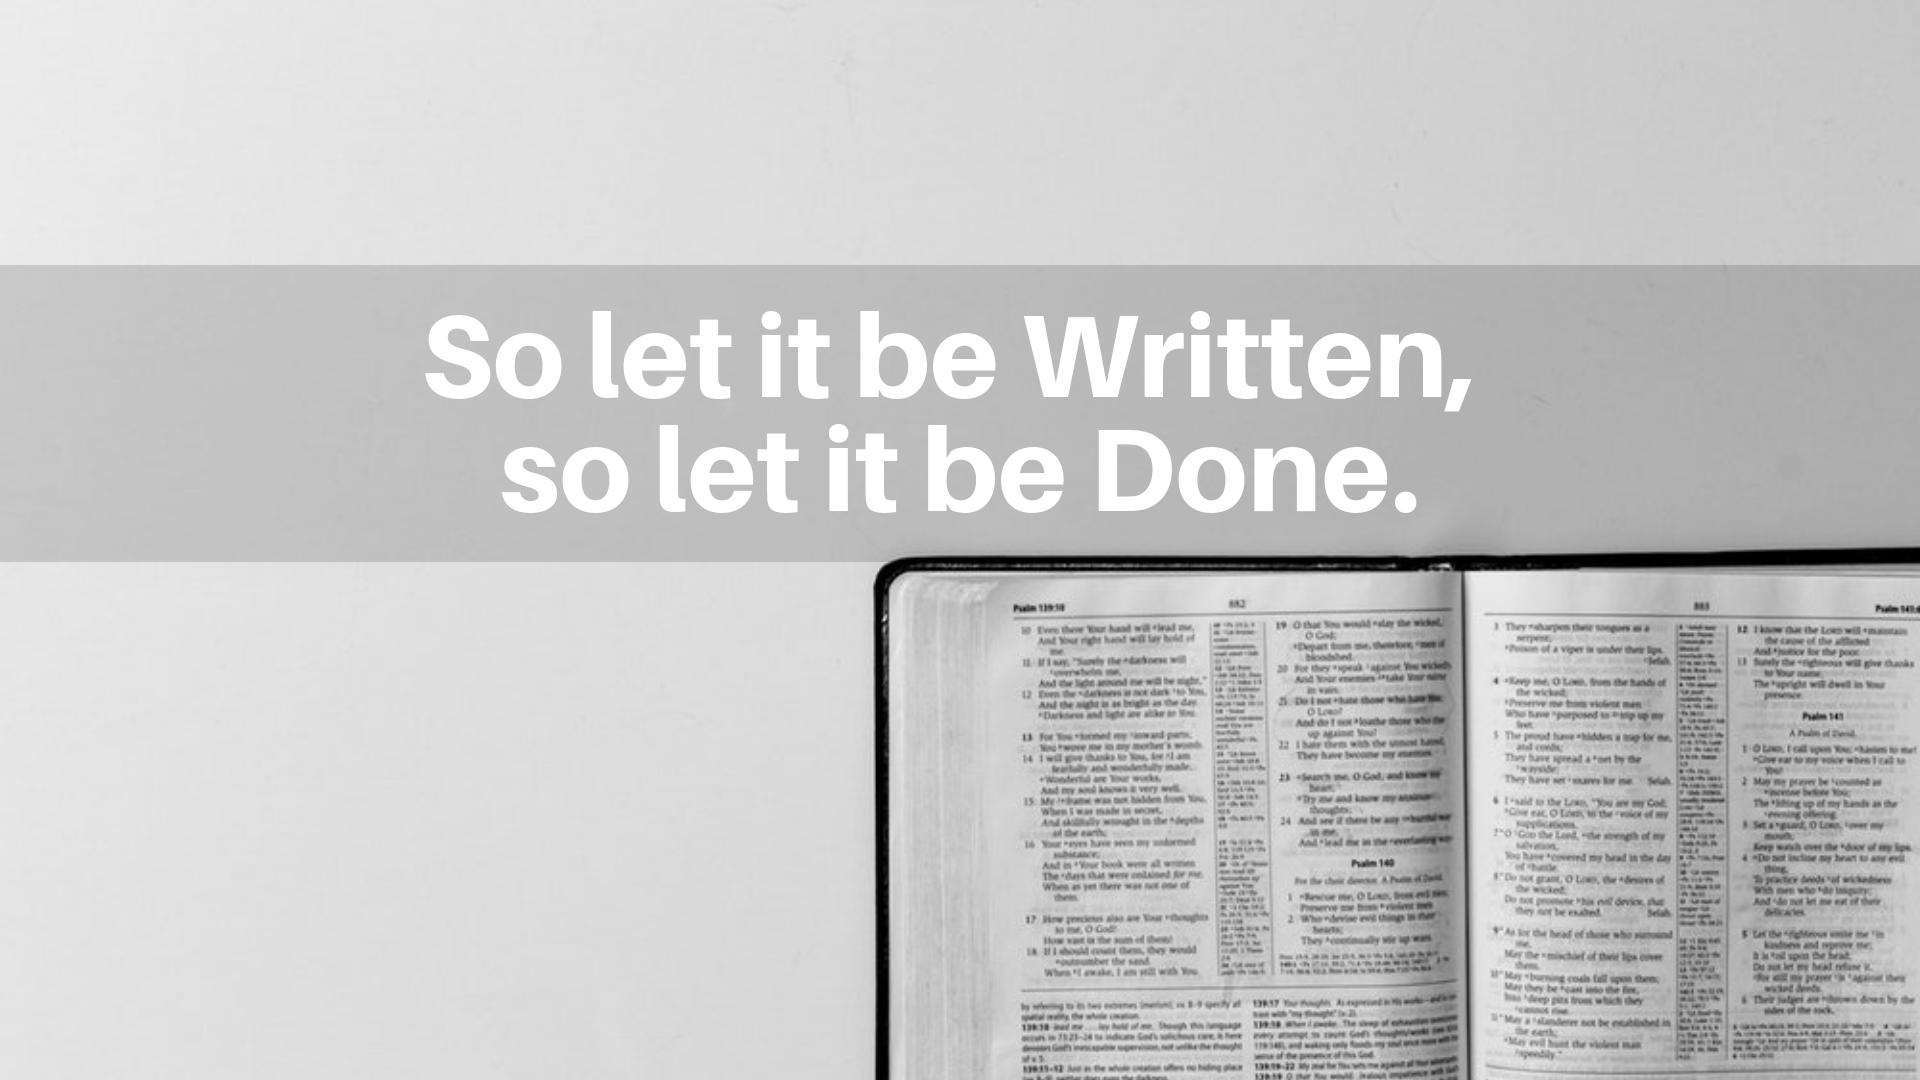 So let it be written, so let it be done. - 12/16/18